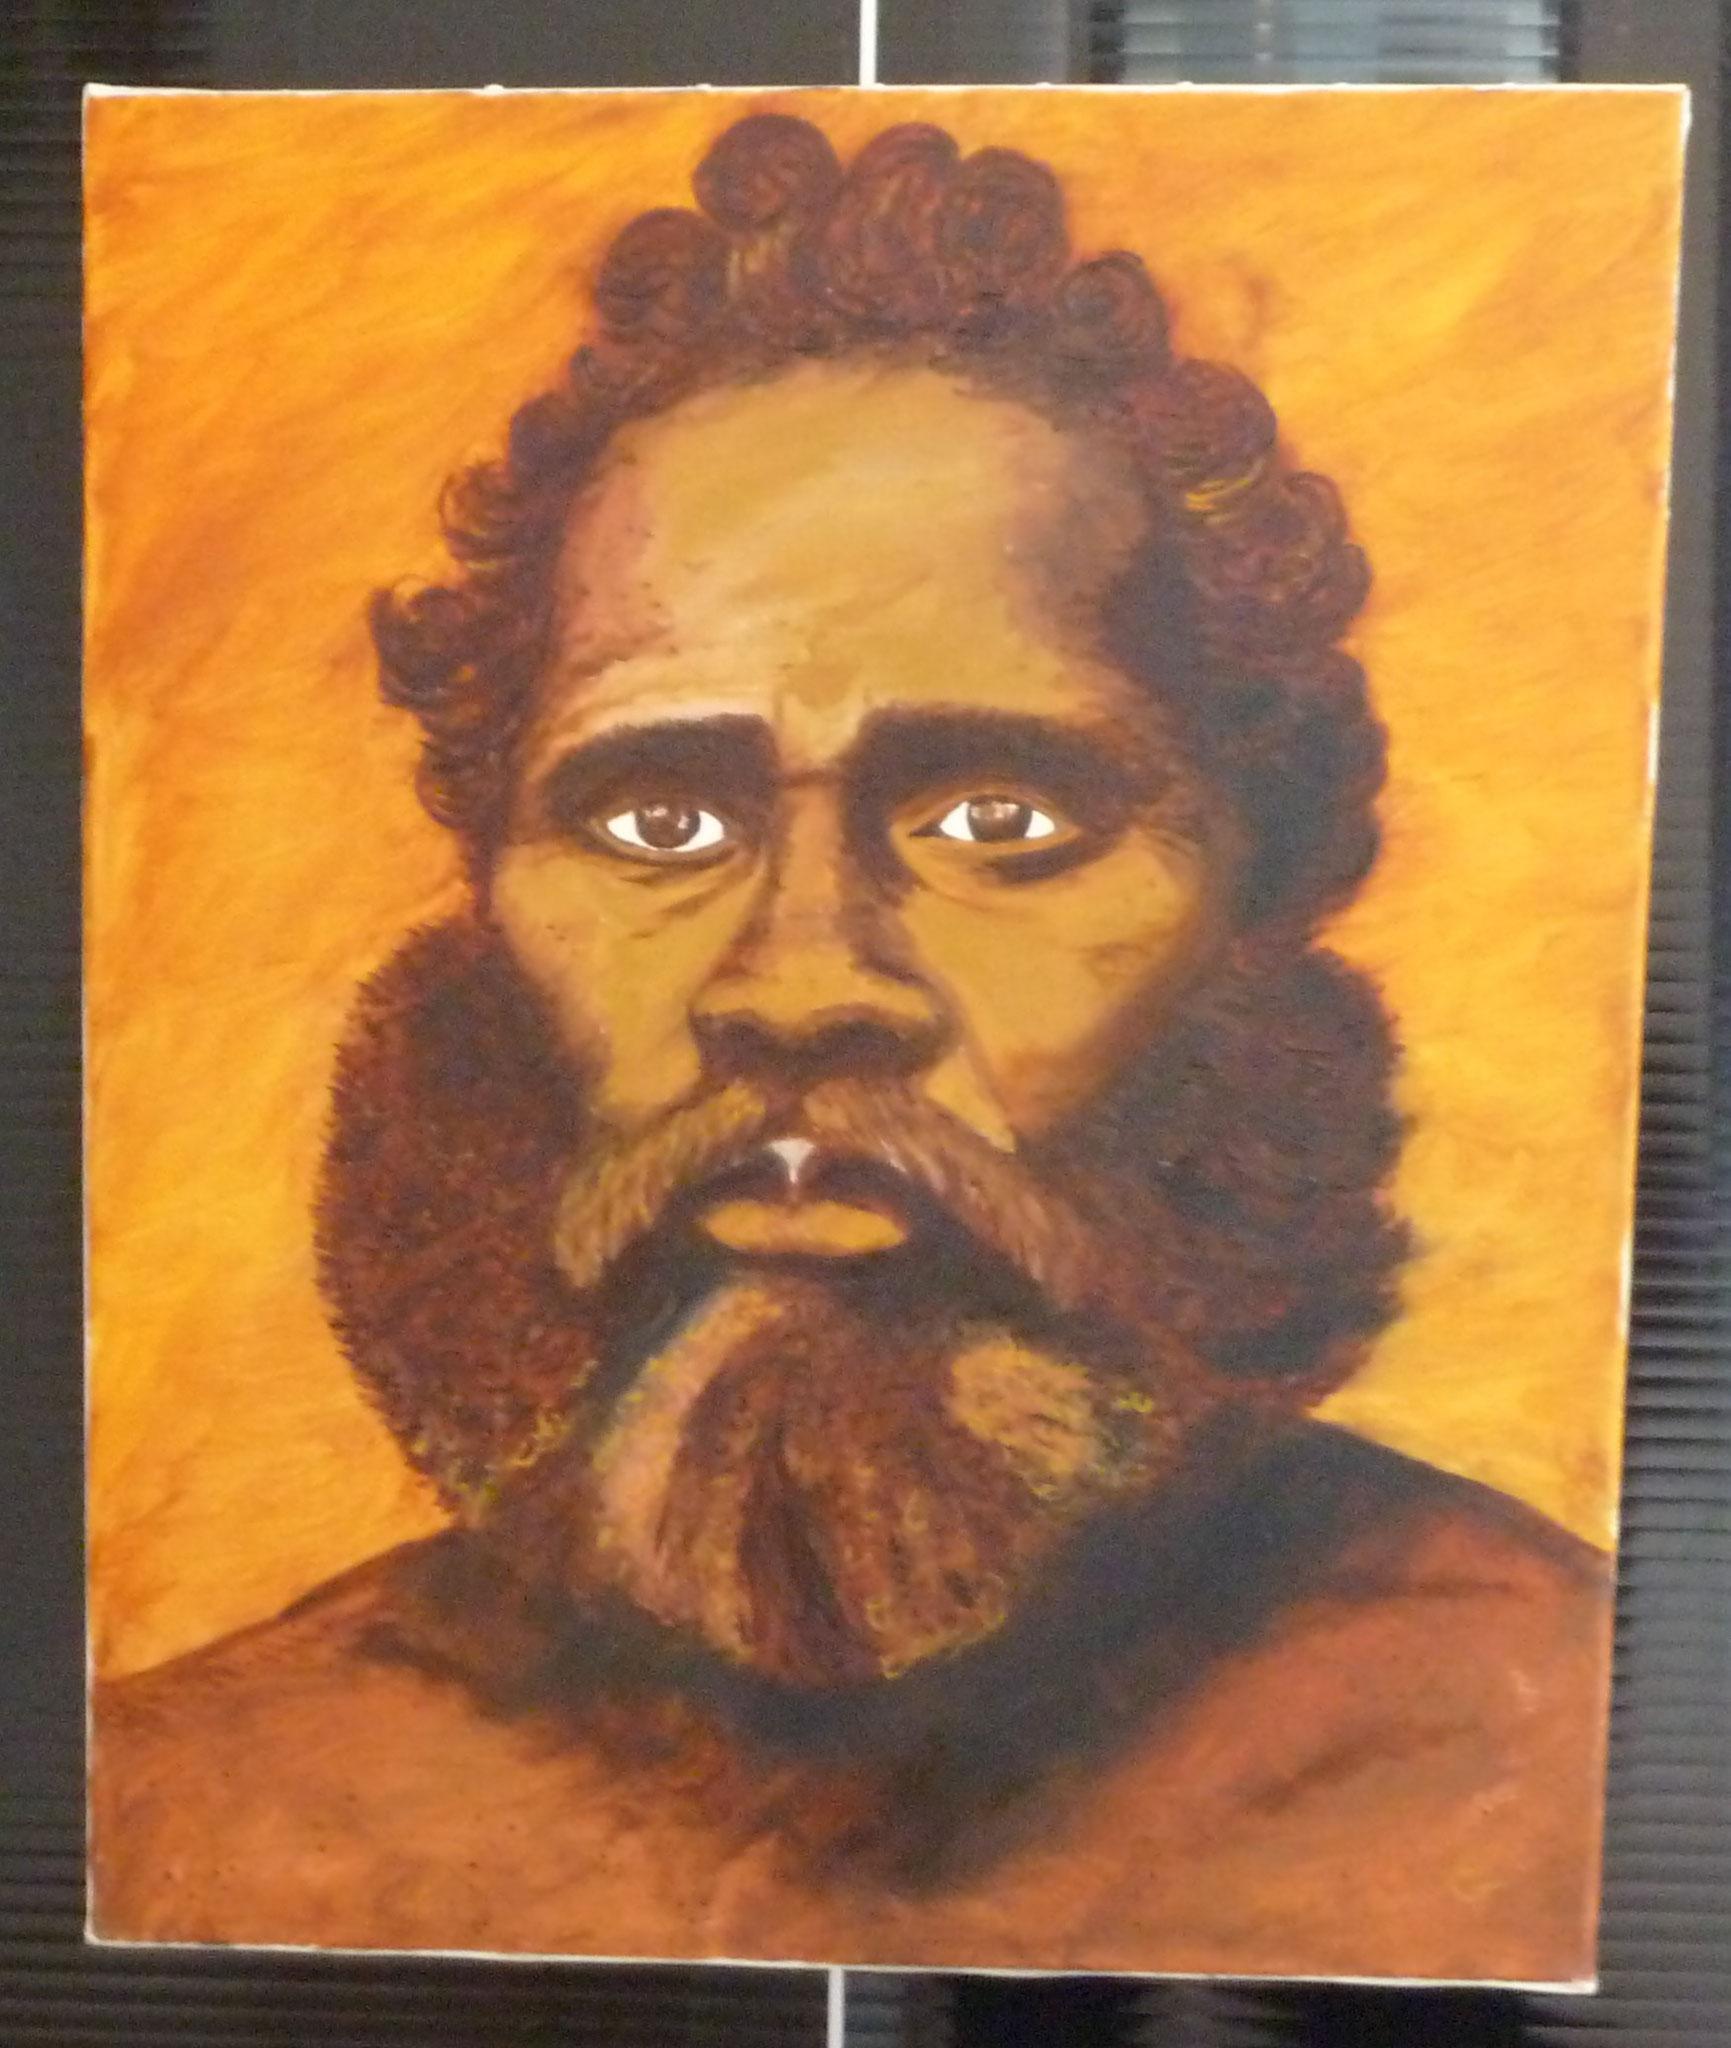 Aboriquoi?